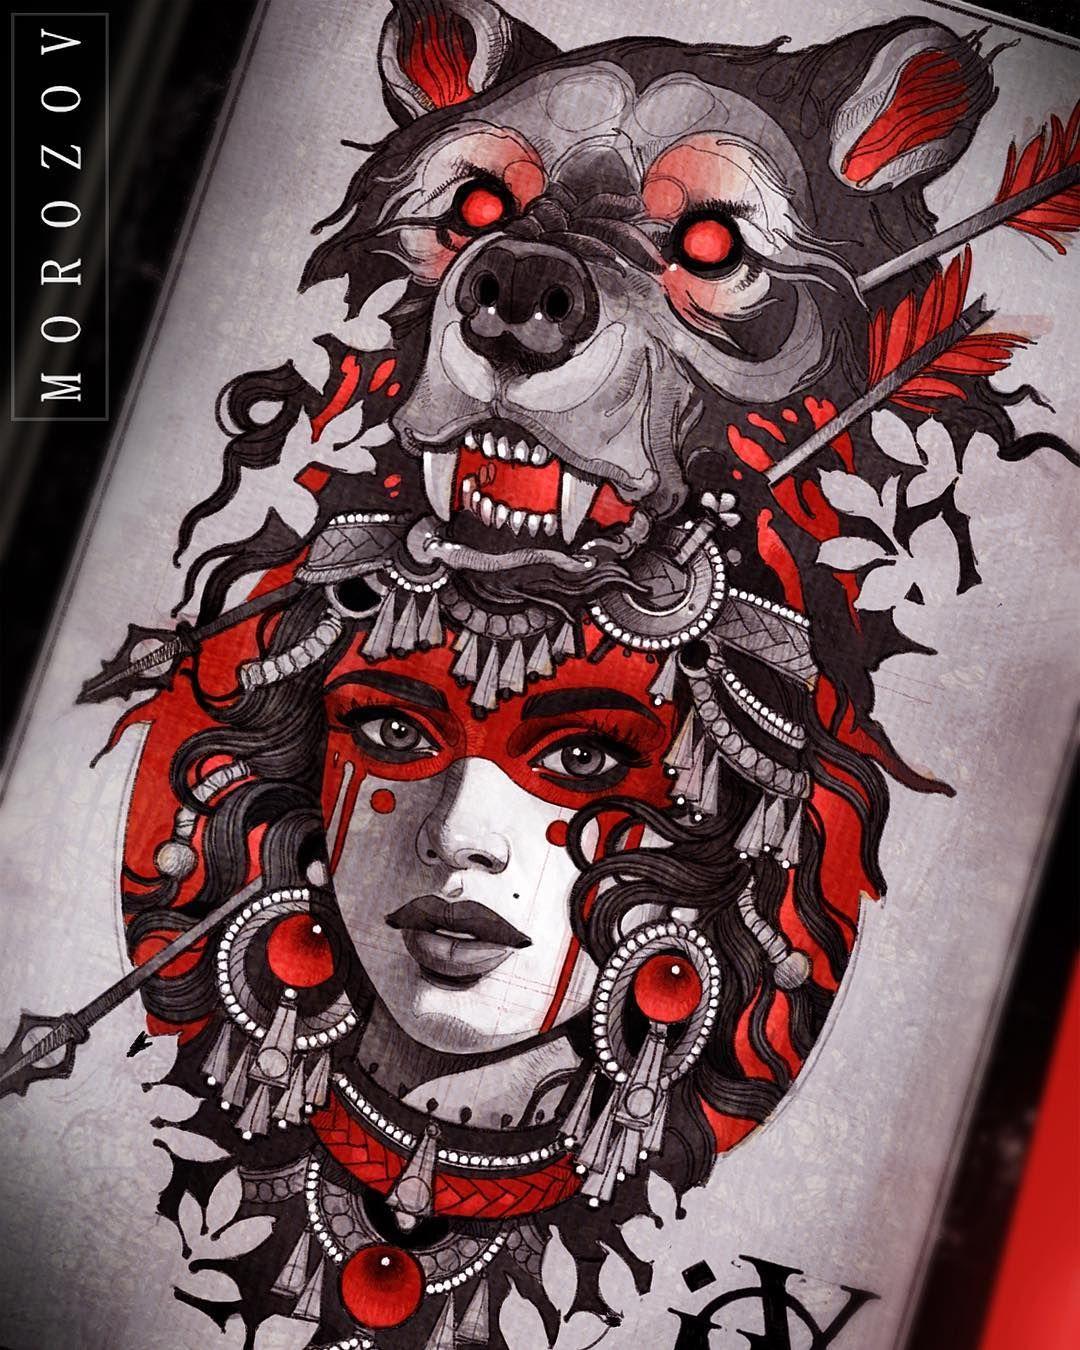 Bocetos De Tatuajes Tradicionales vitaly morozov | tatuajes de osos, tatuajes tradicionales